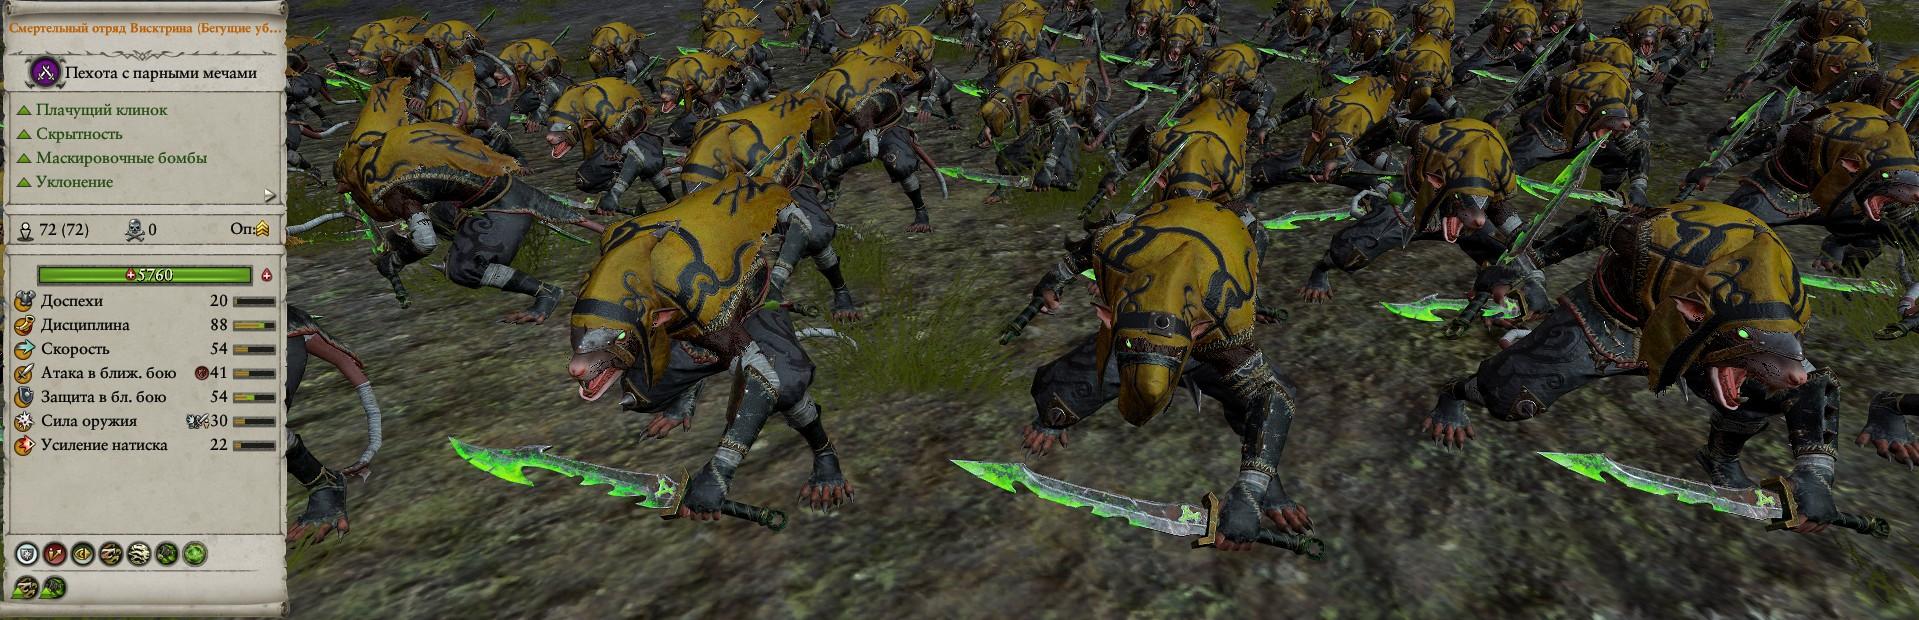 Смертельный отряд Висктрина warhammer